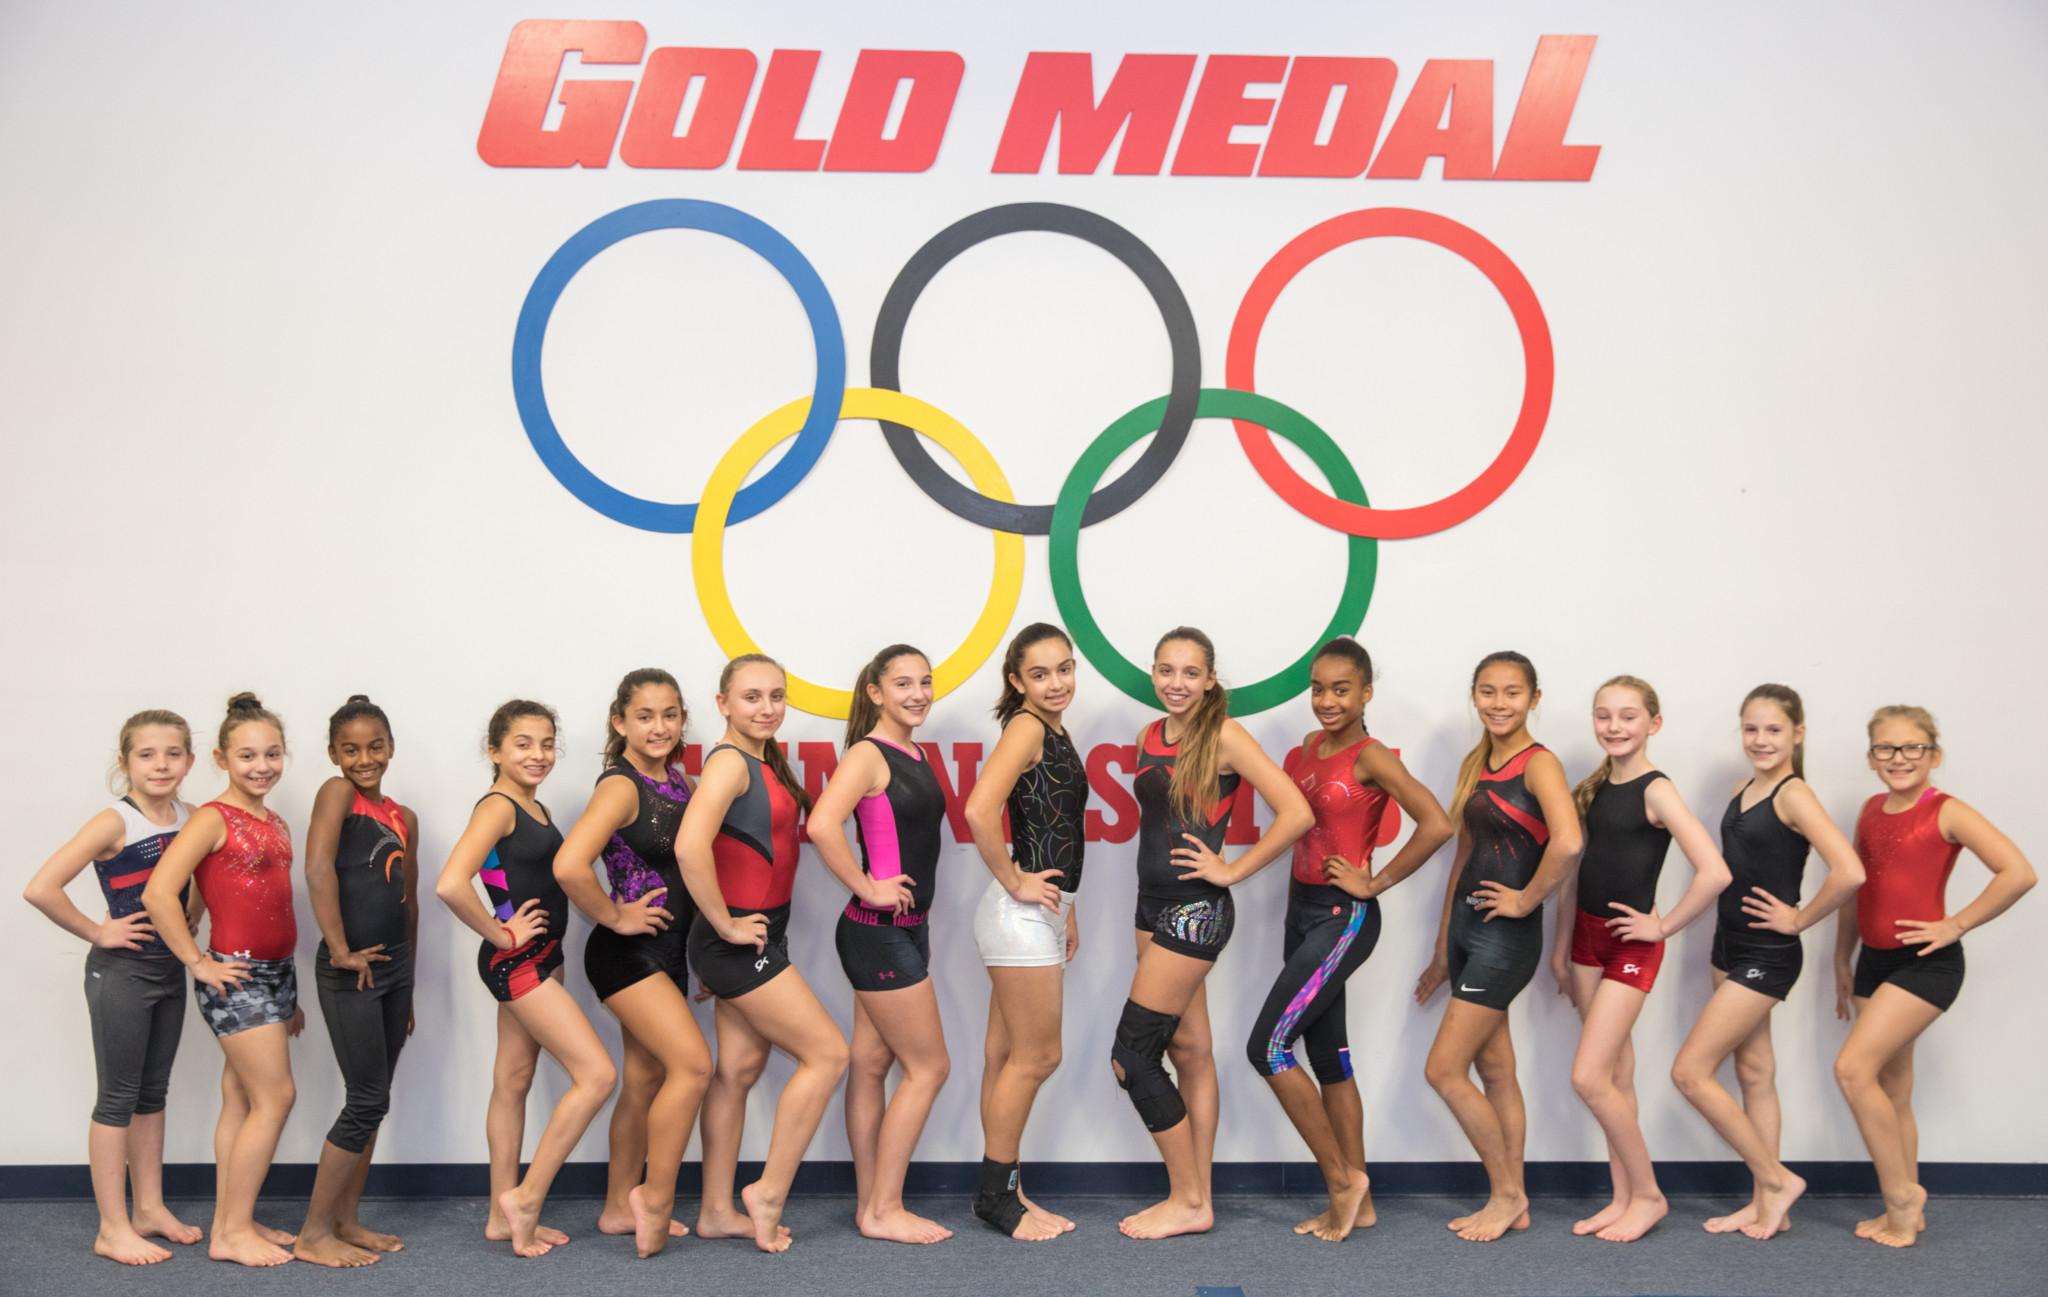 gold medal gymnastics garden city protomechgame com gold medal gymnastics garden city